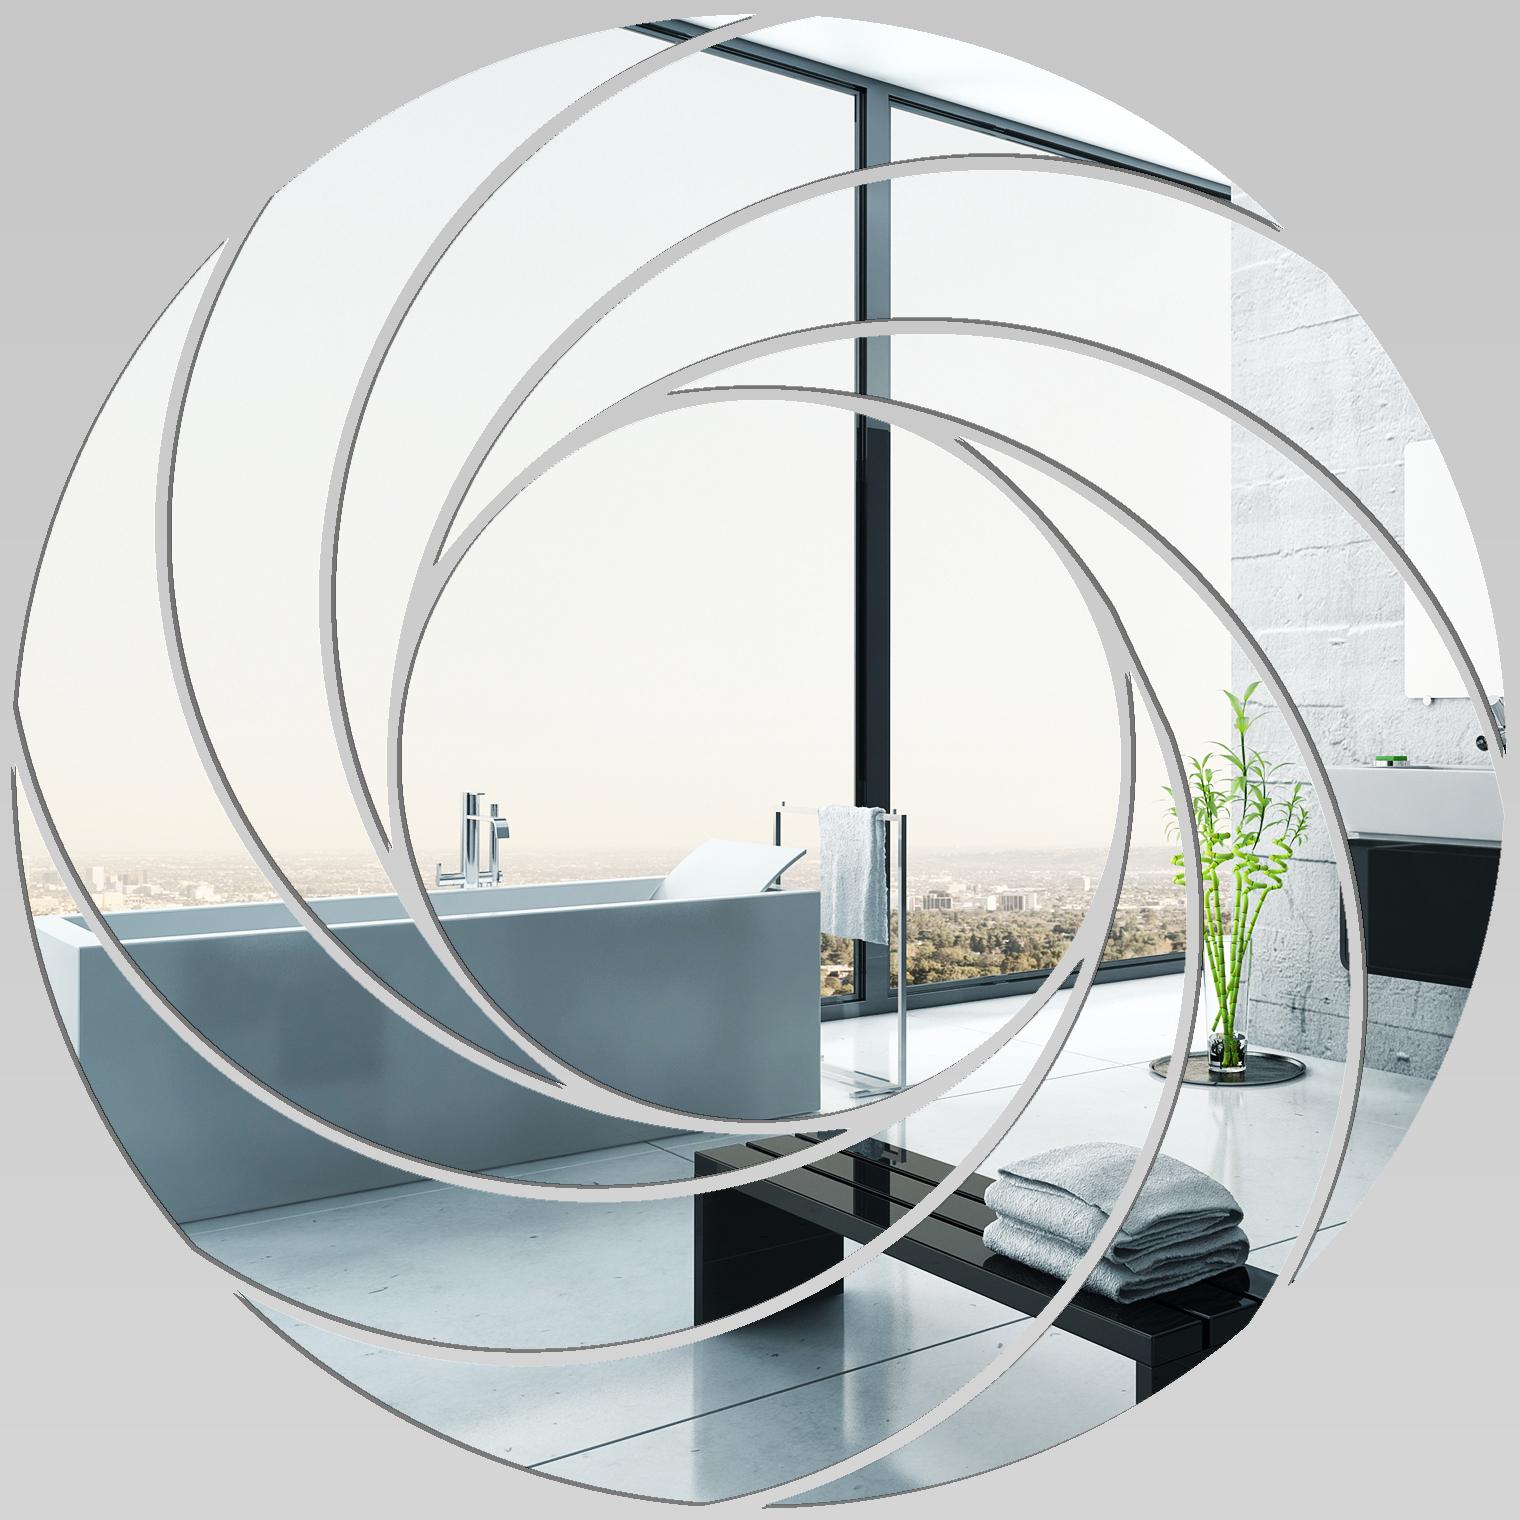 espejos decorativo acrlico plxiglas espiral diseo